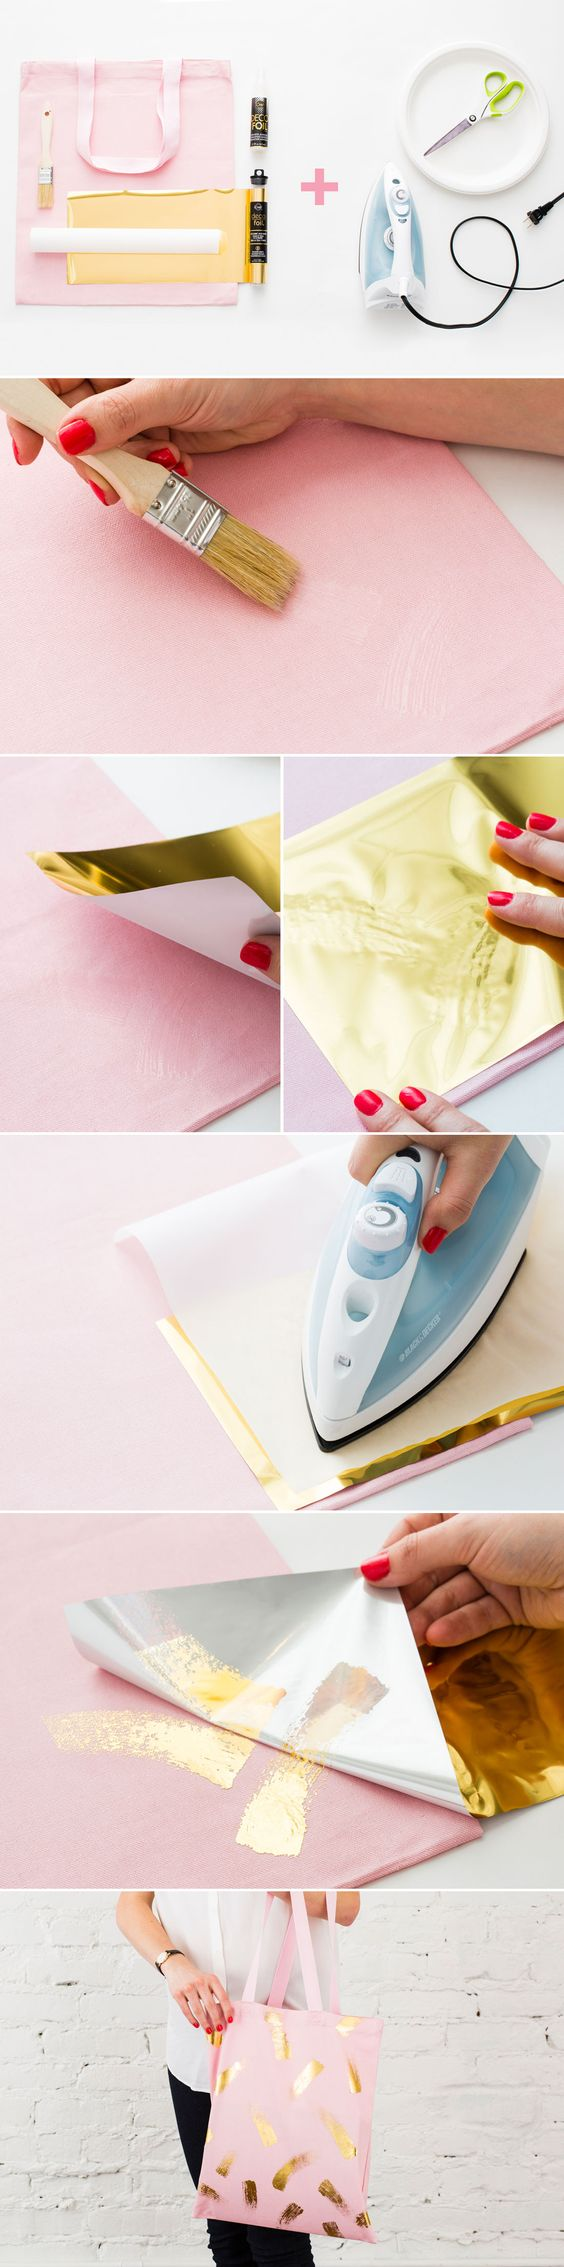 DIY a chic summer tote with gold details. It's so pretty   Como estampar una bolsa con líneas doradas. Genial DIY: